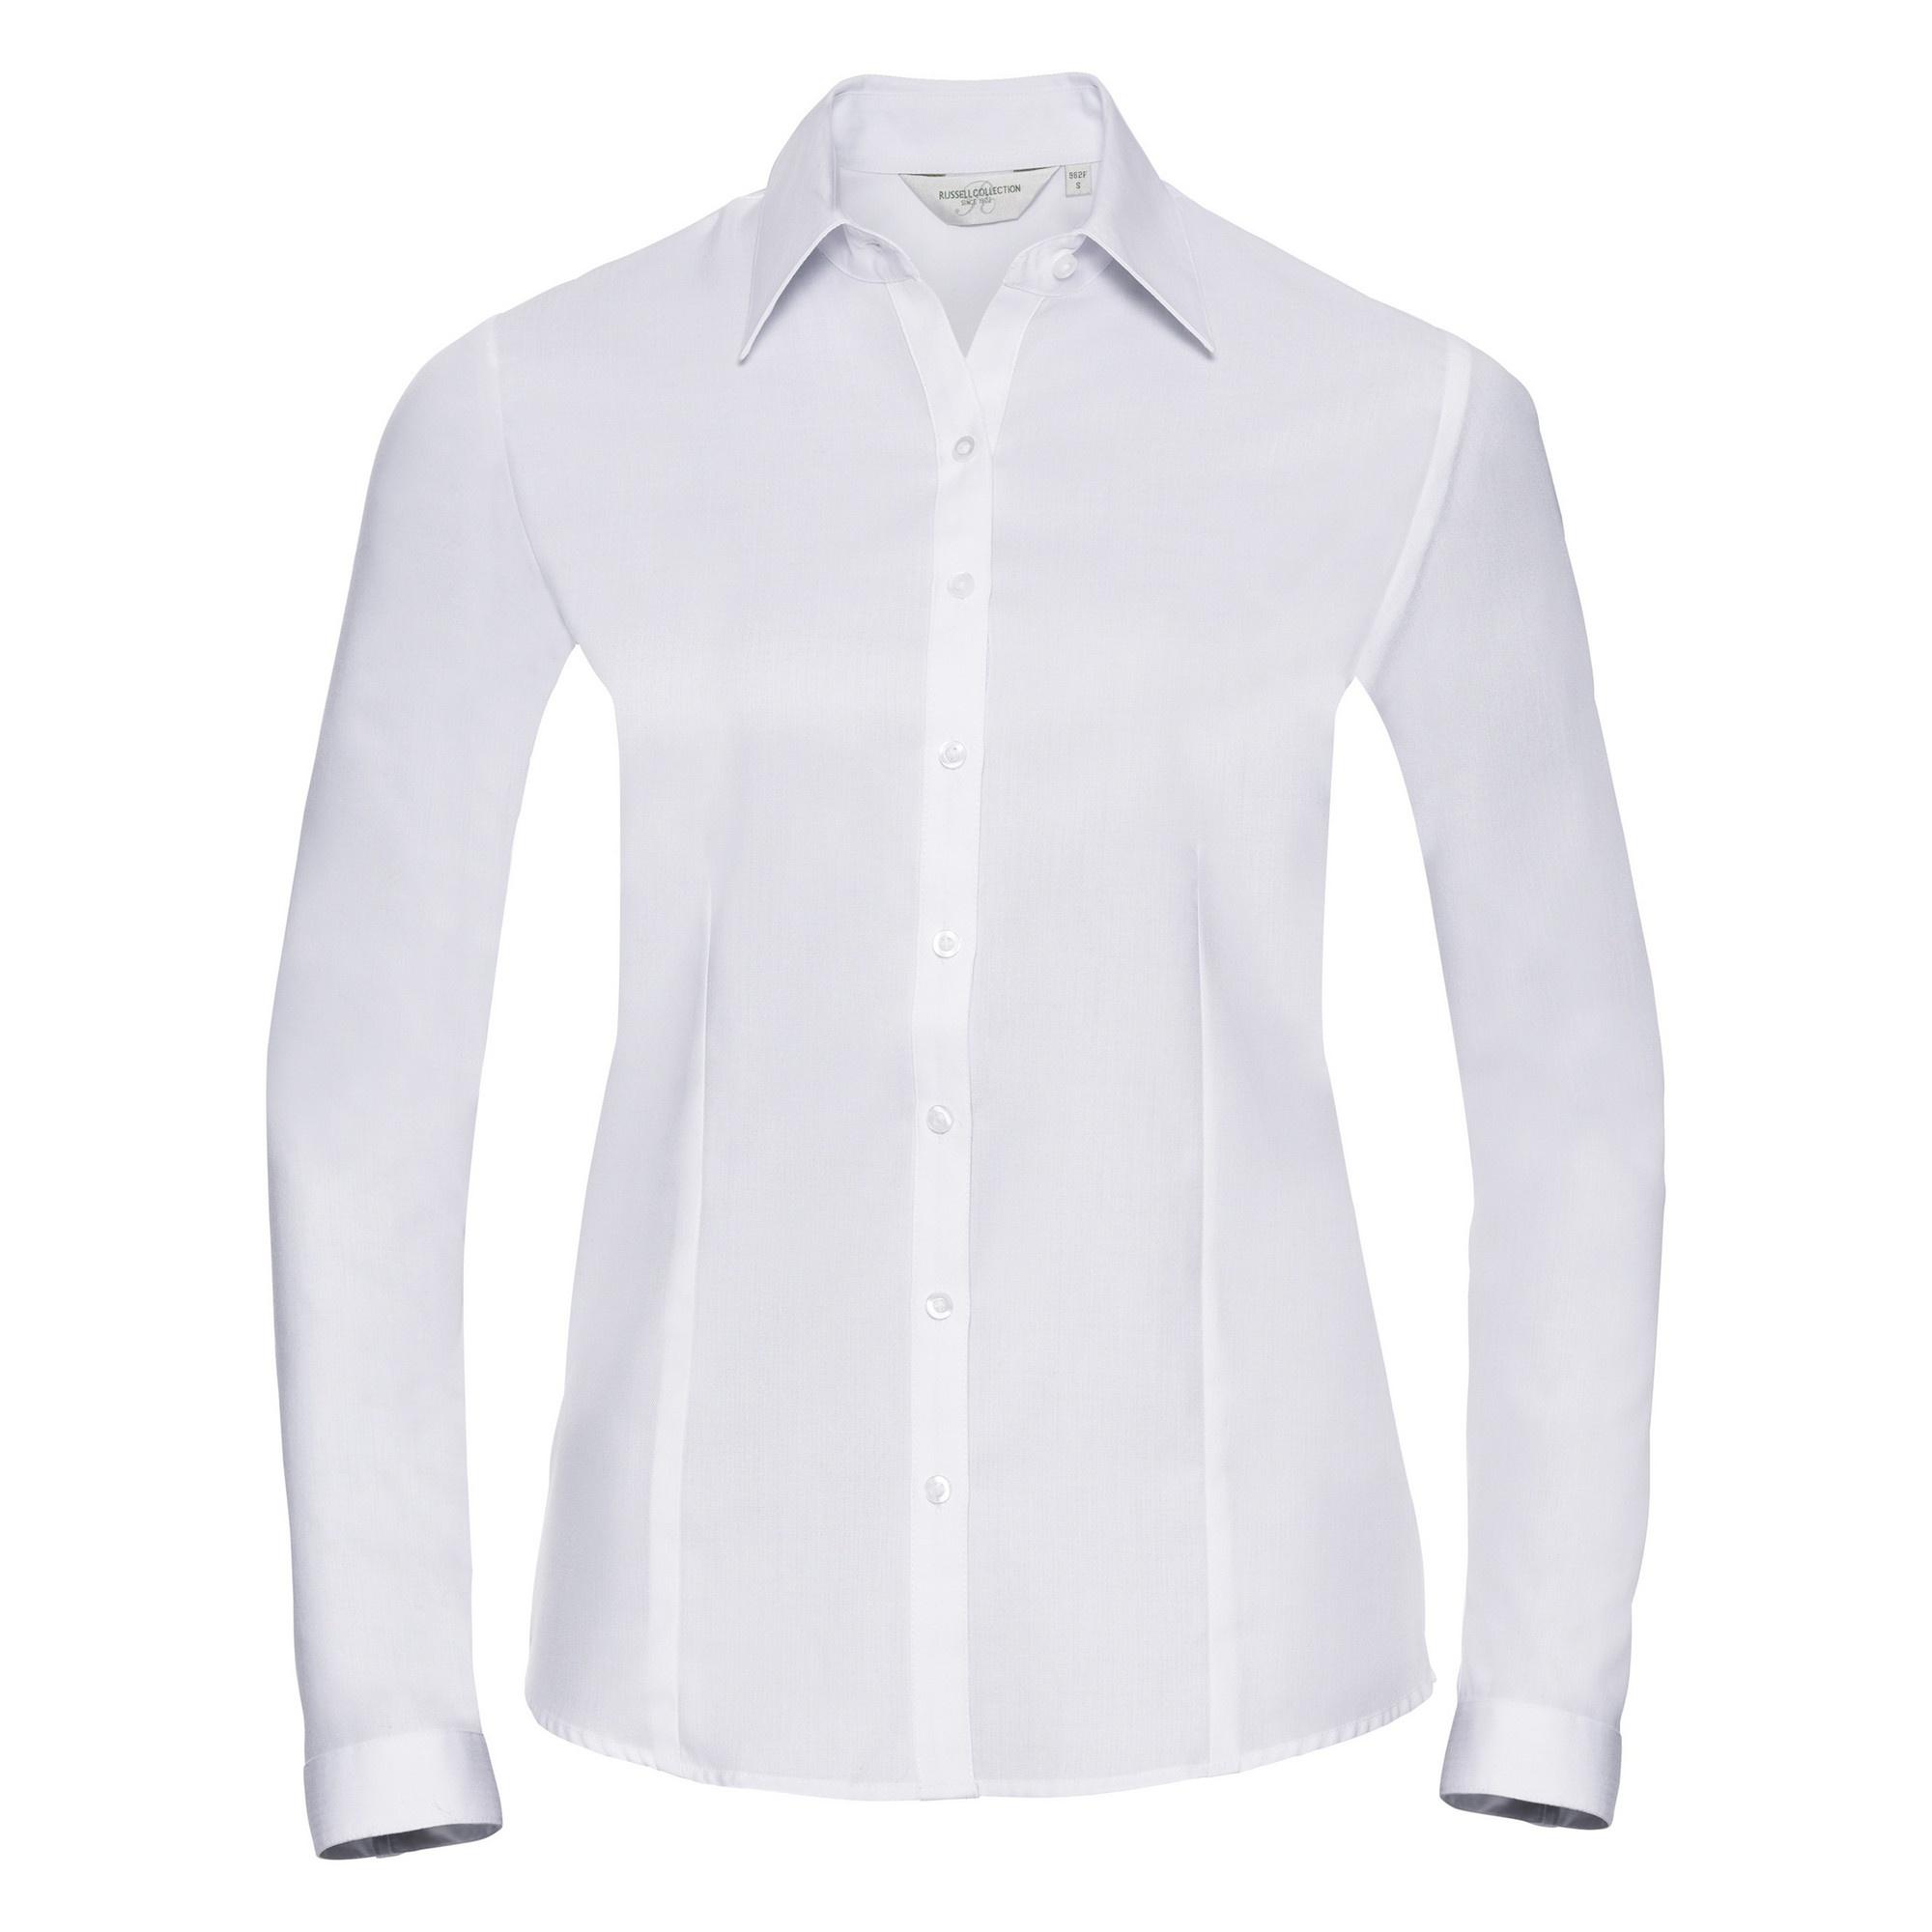 Russell Ladies/Womens Herringbone Long Sleeve Work Shirt (M) (White)